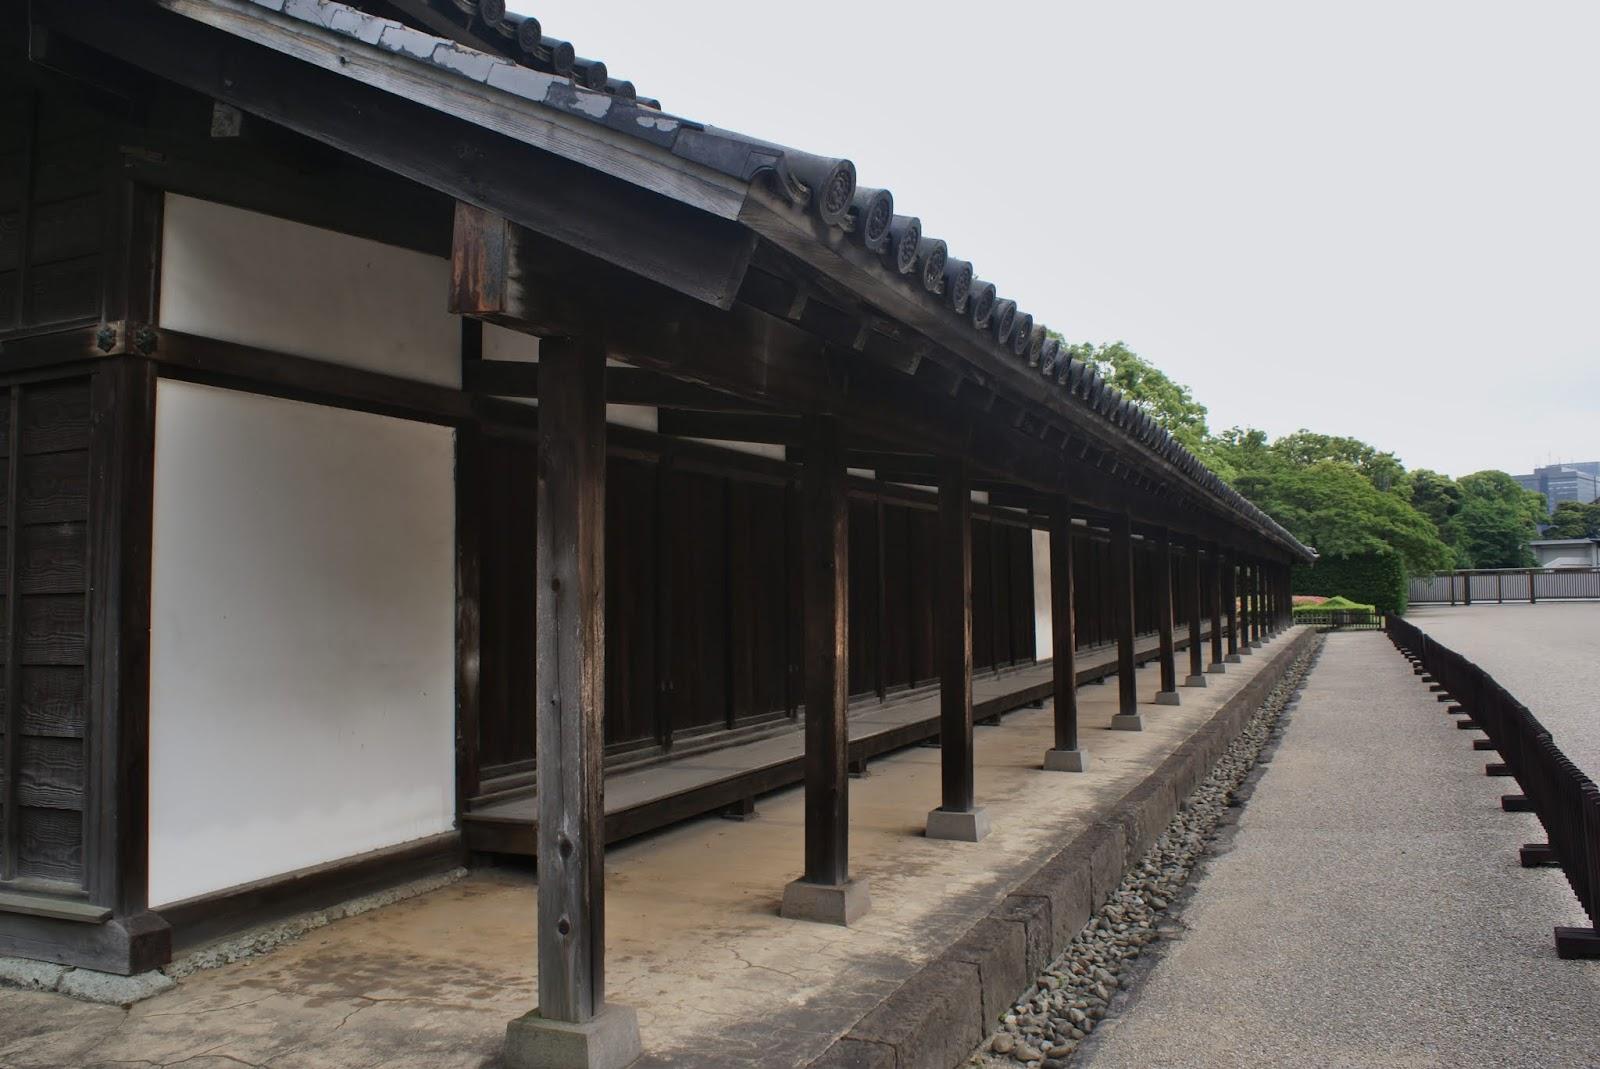 tokyo marunouchi imperial palace Kōkyo bansho